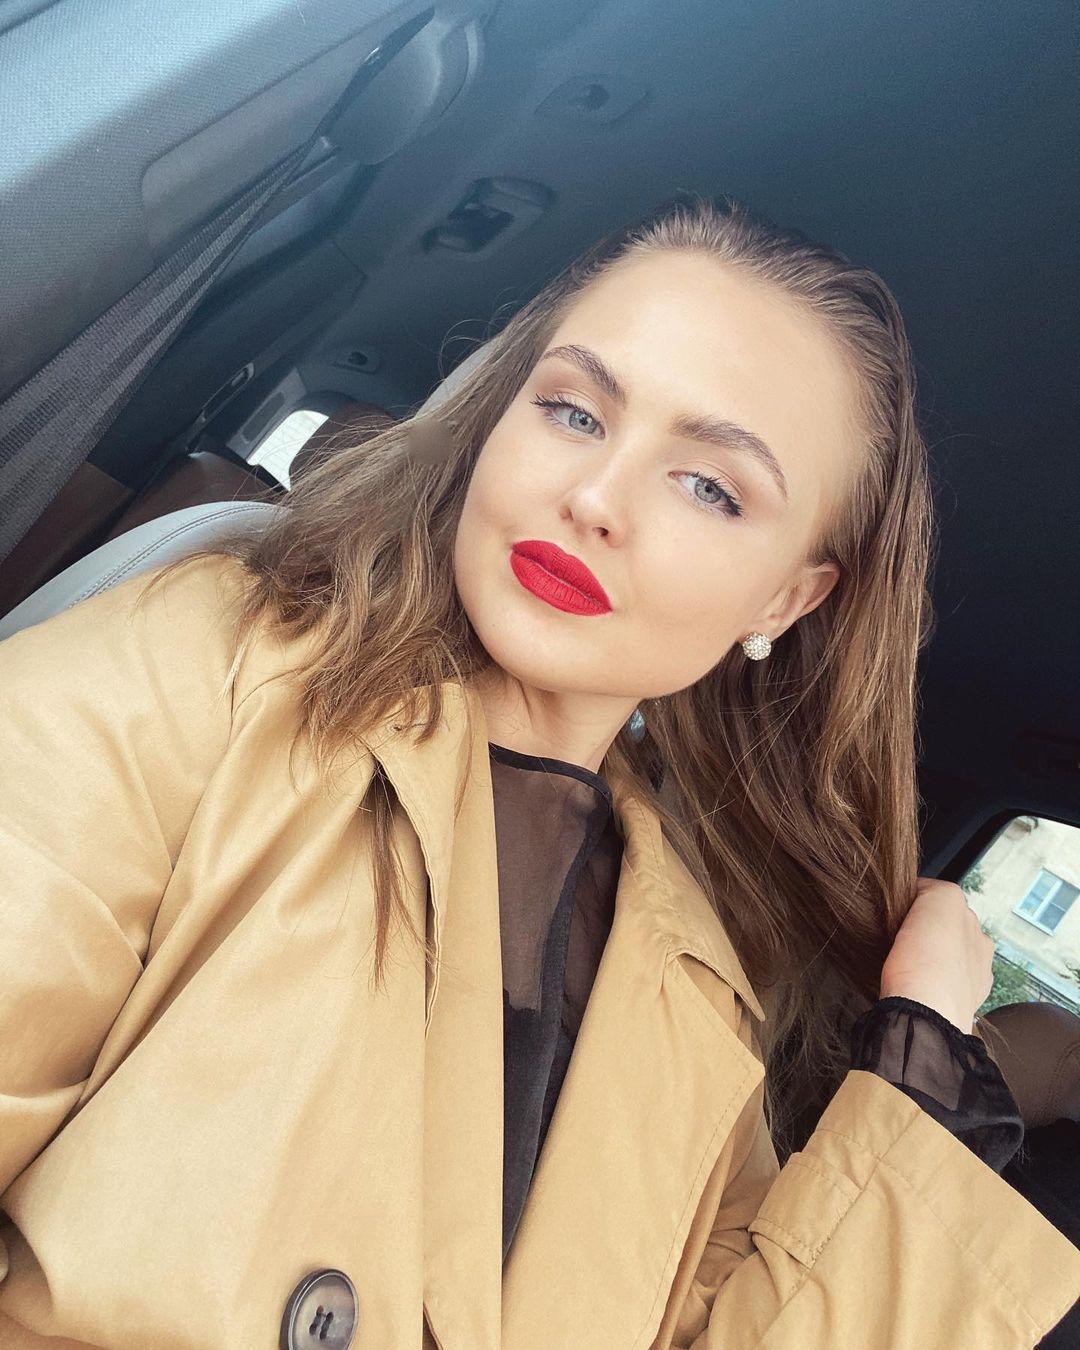 Катя Елисеева выпустила танцевальную песню «Кап-Кап»